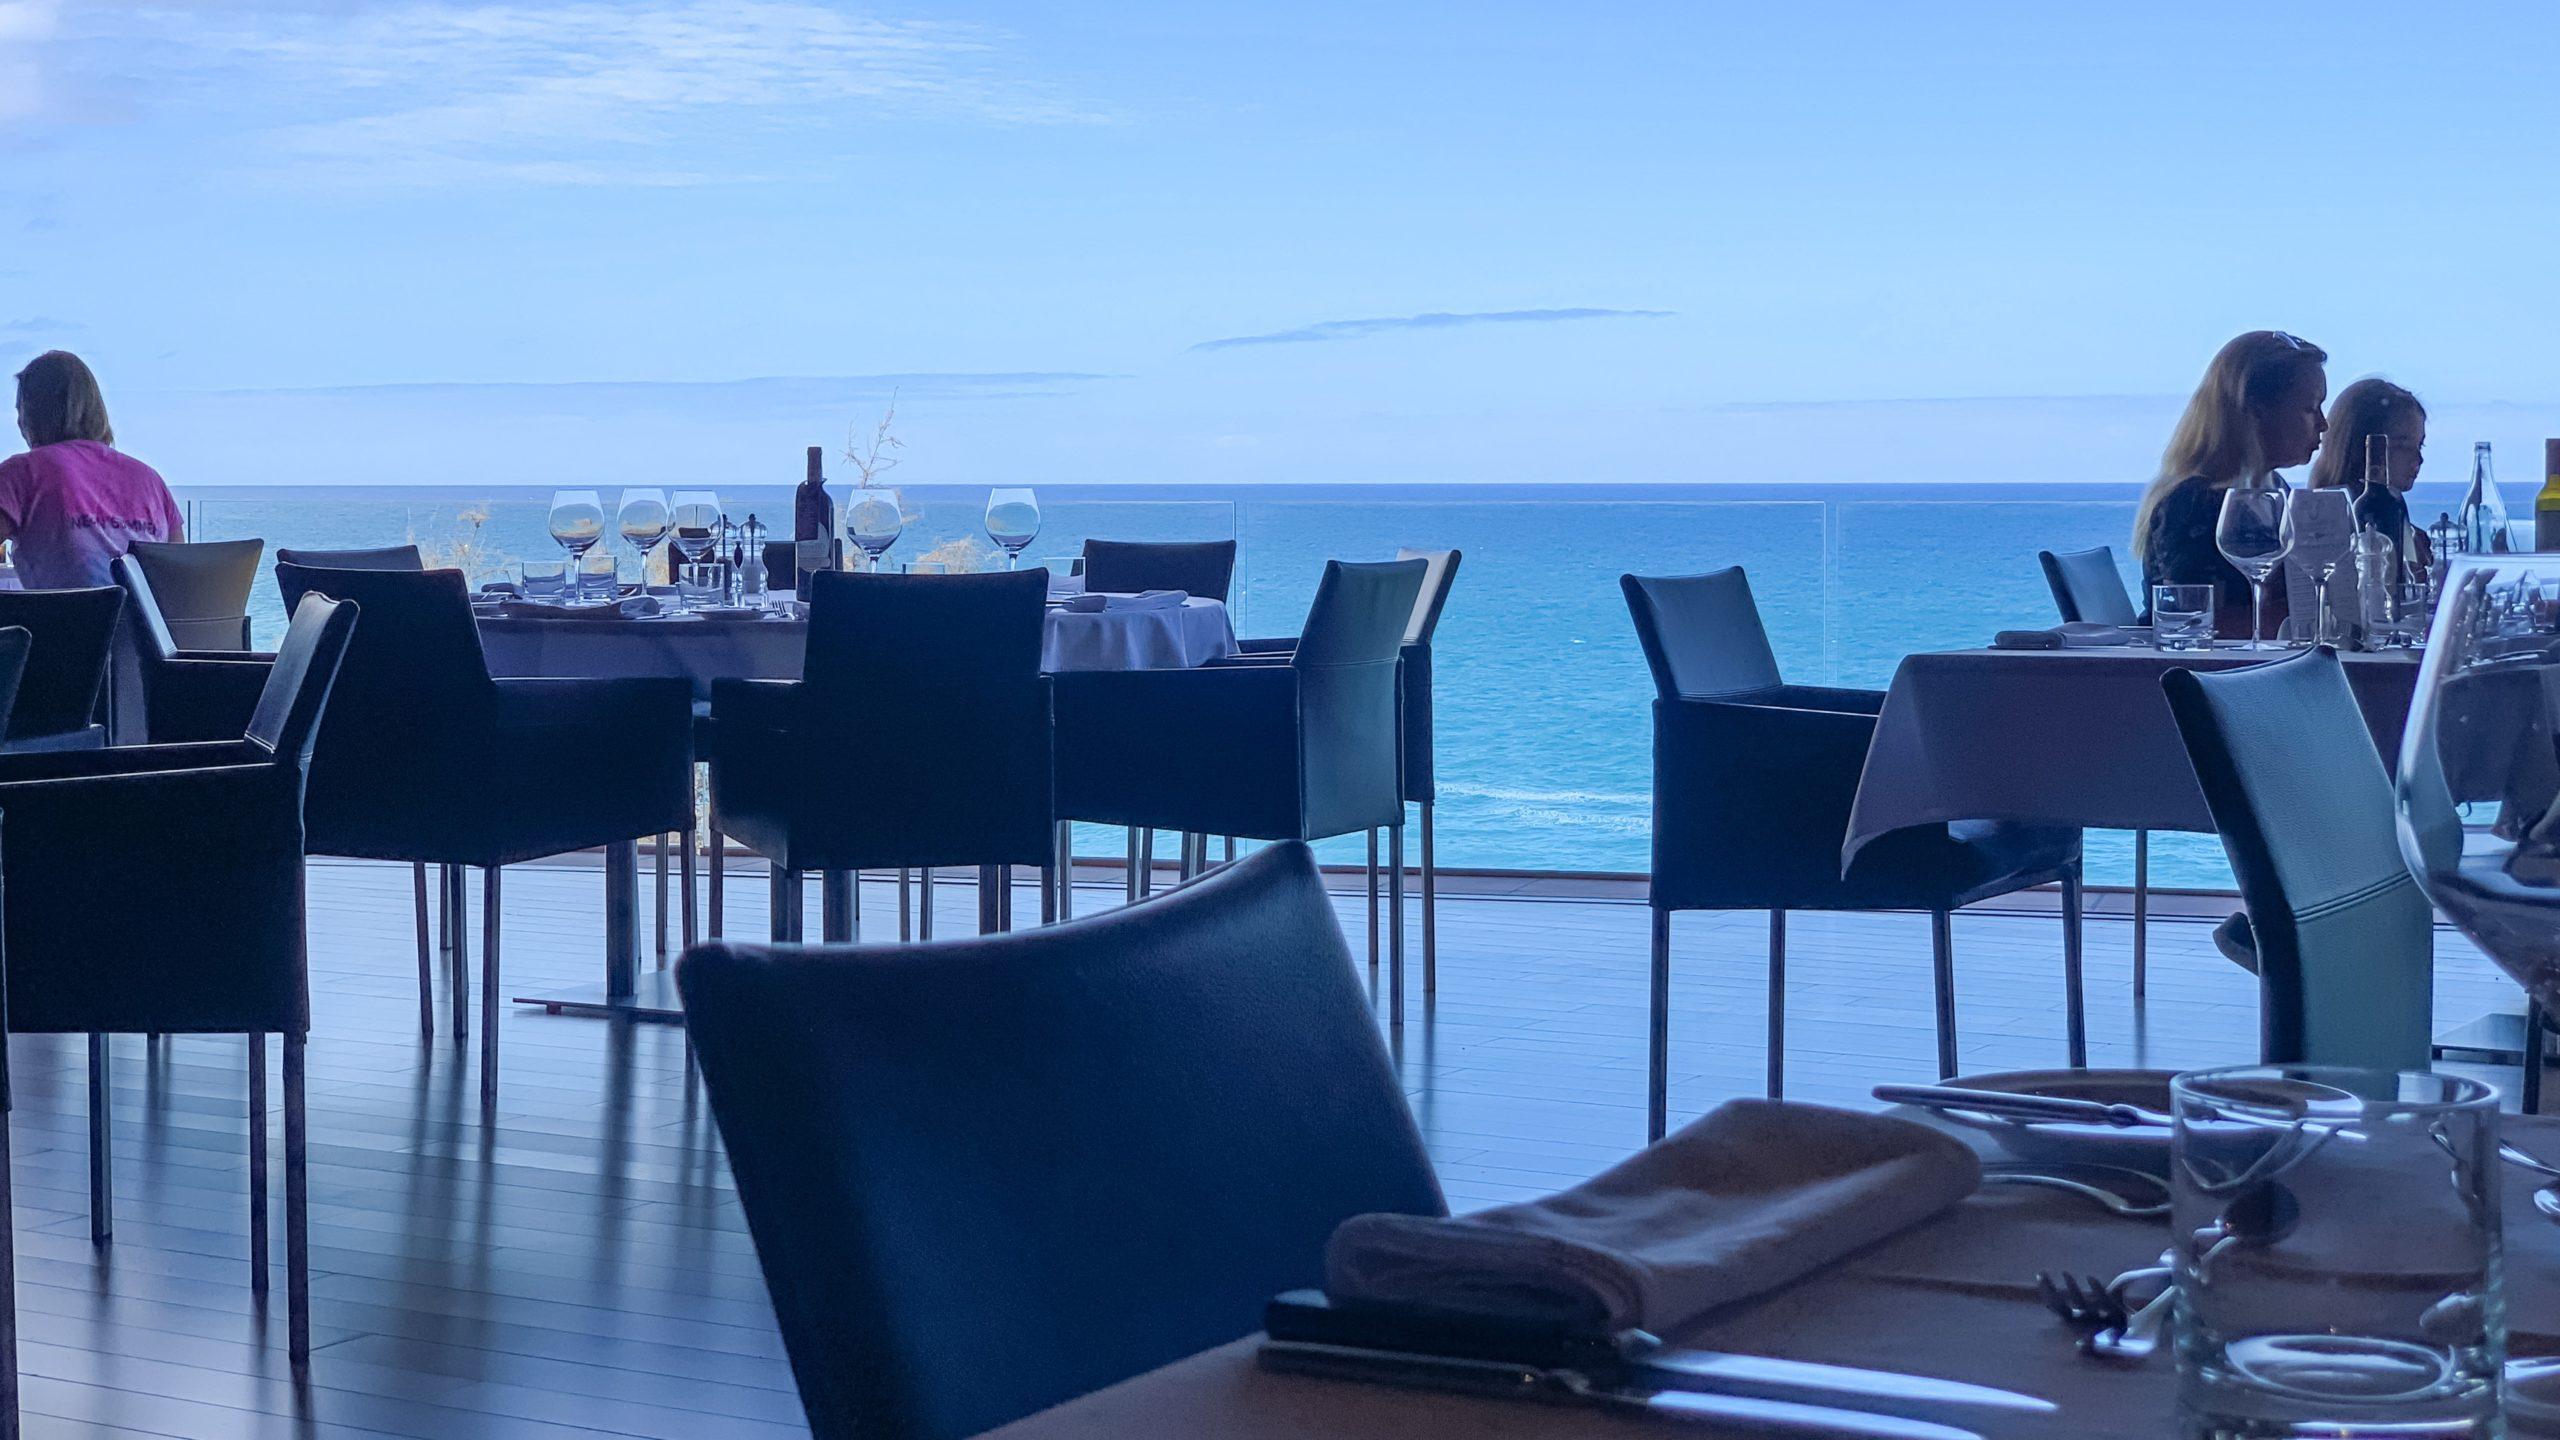 Atlantik, Teneriffa, La Orotava, Restaurant des Loro Parque